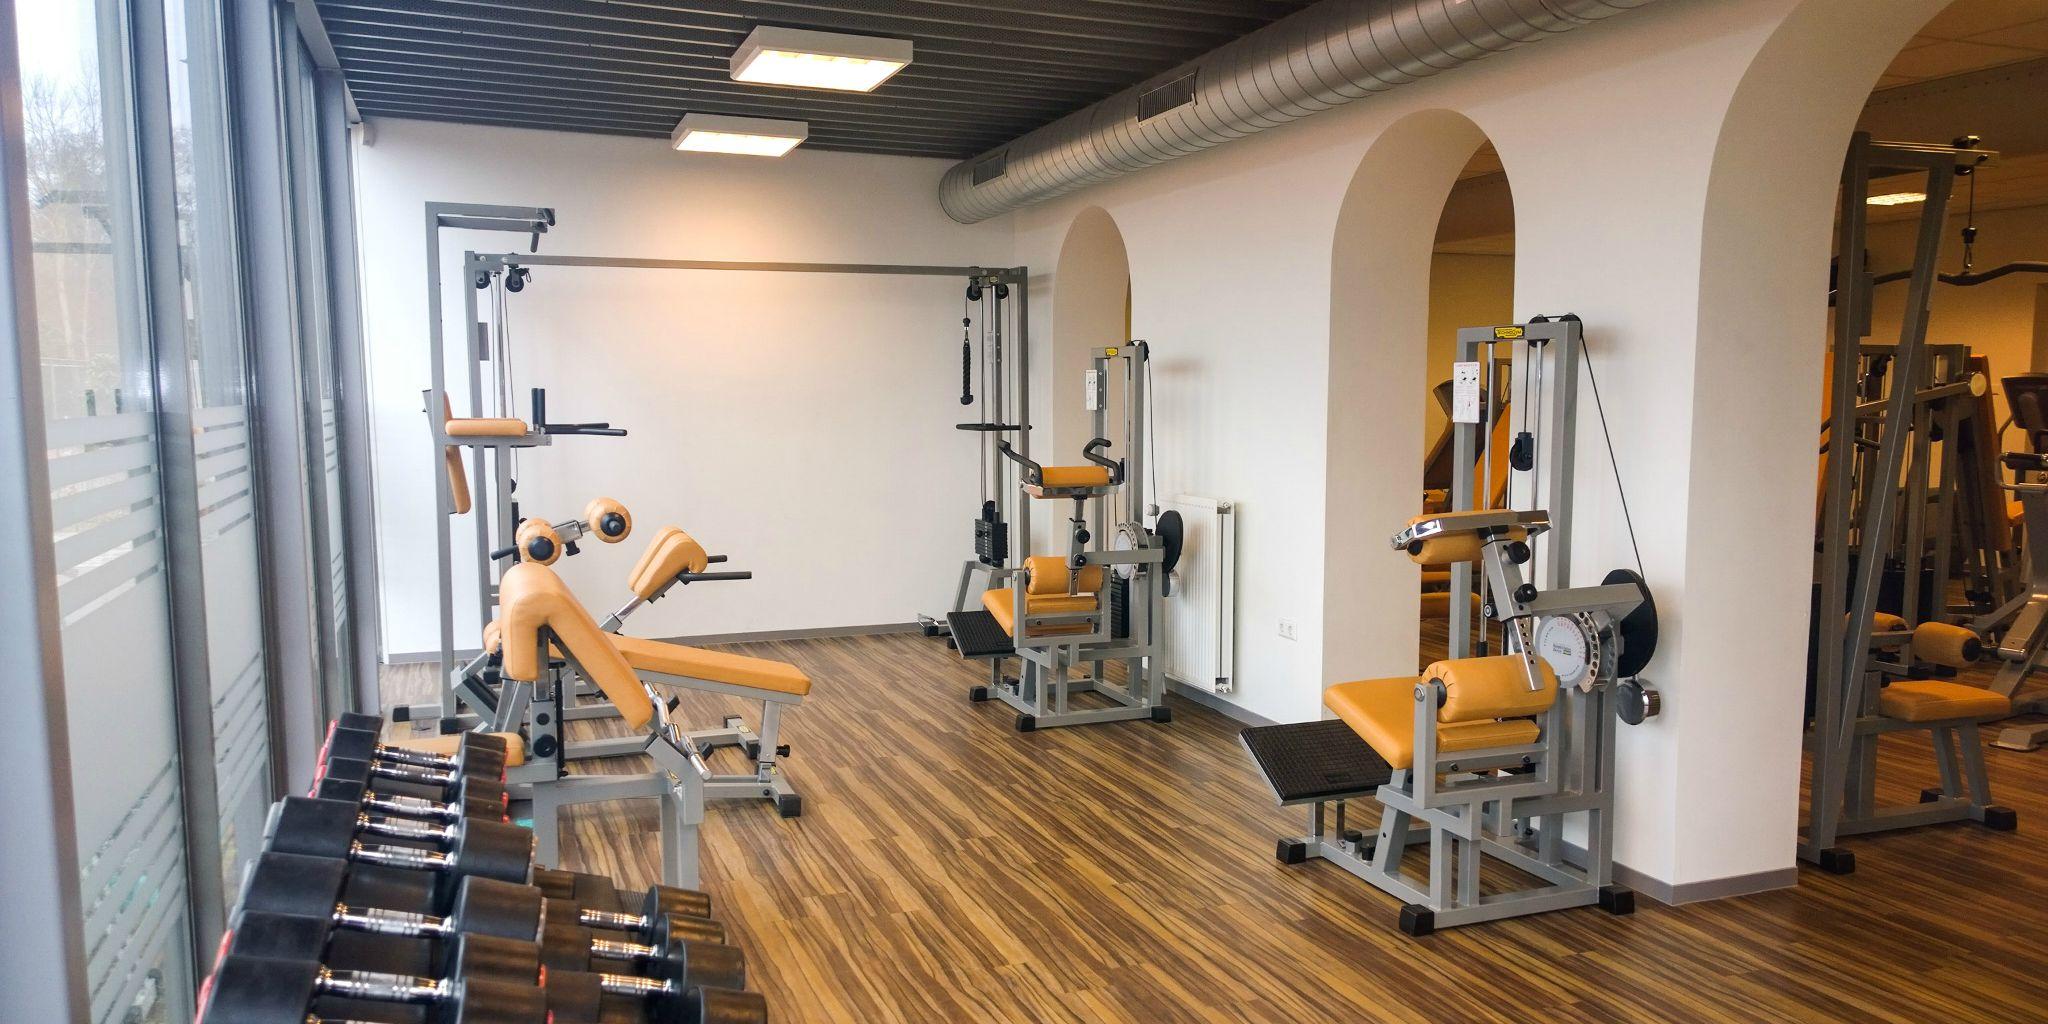 Exercise Assistant Individueel Trainingsschema in combinatie met revalidatie programma's bij Fitness de Bataaf - Sportschool Den Haag.